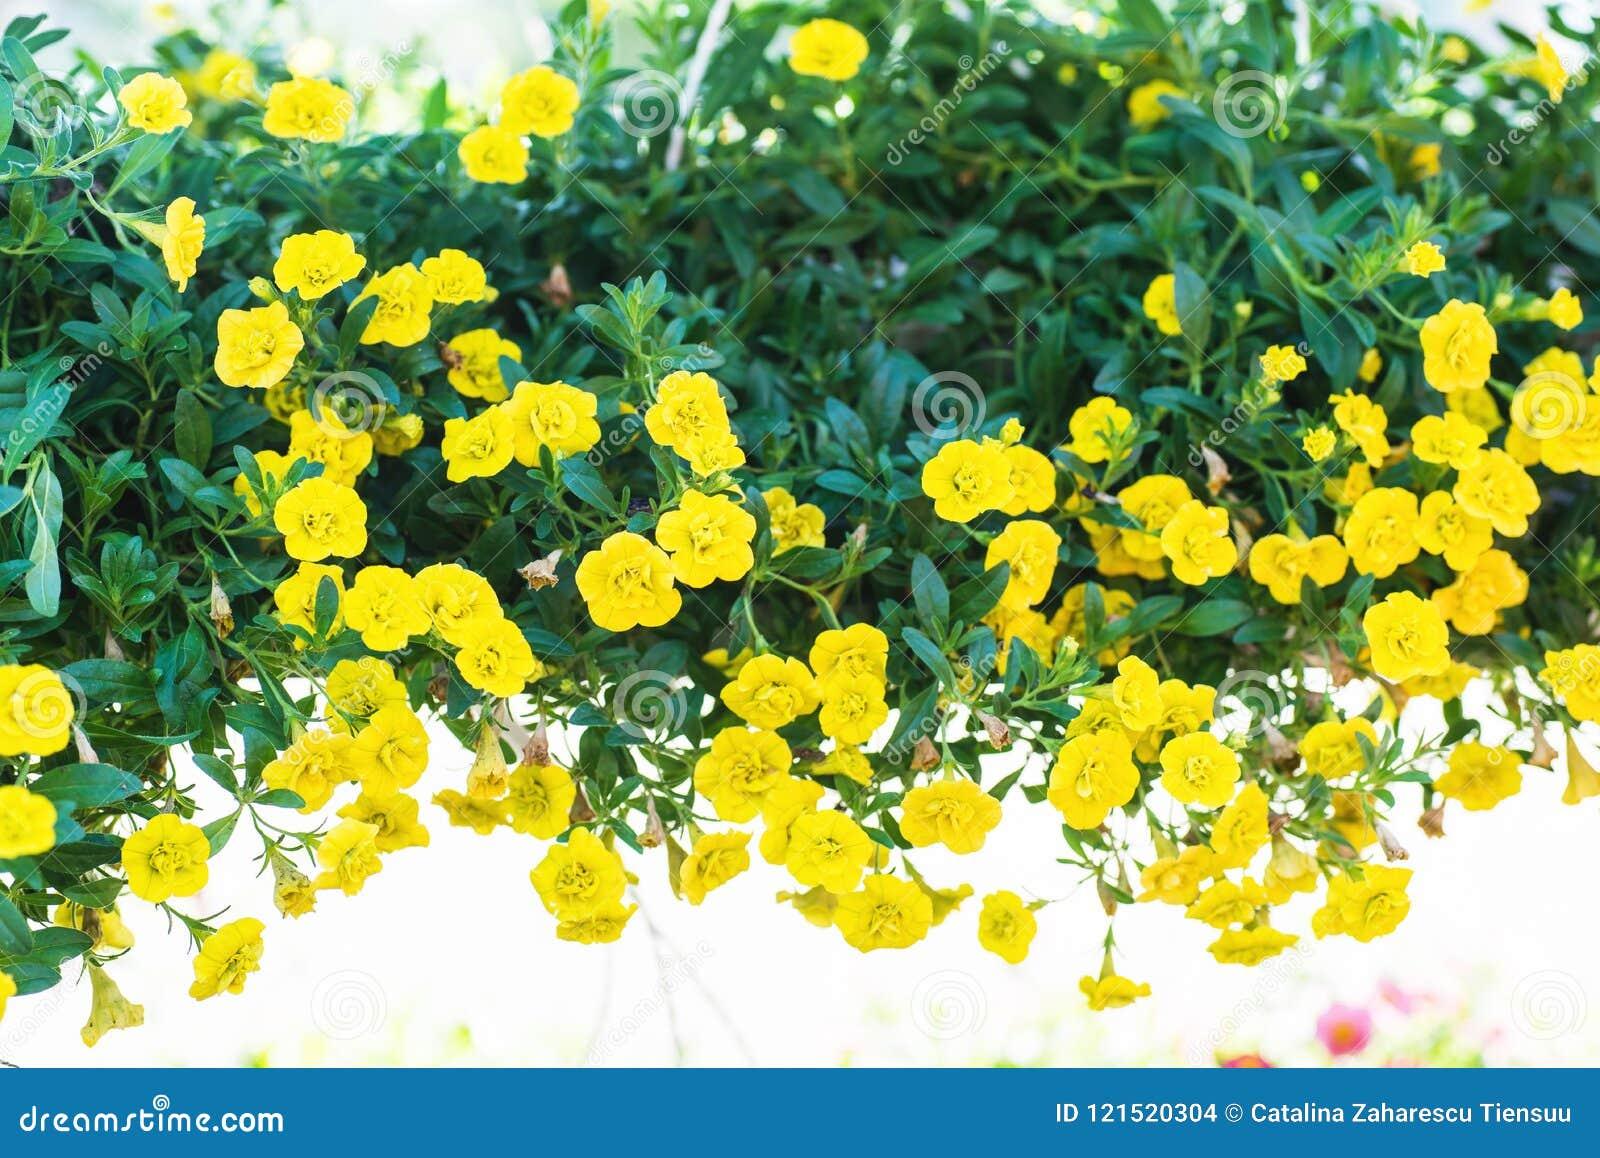 Fiori Gialli Vaso.Petunia Ibrida Del Patio Con I Piccoli Fiori Gialli In Un Vaso